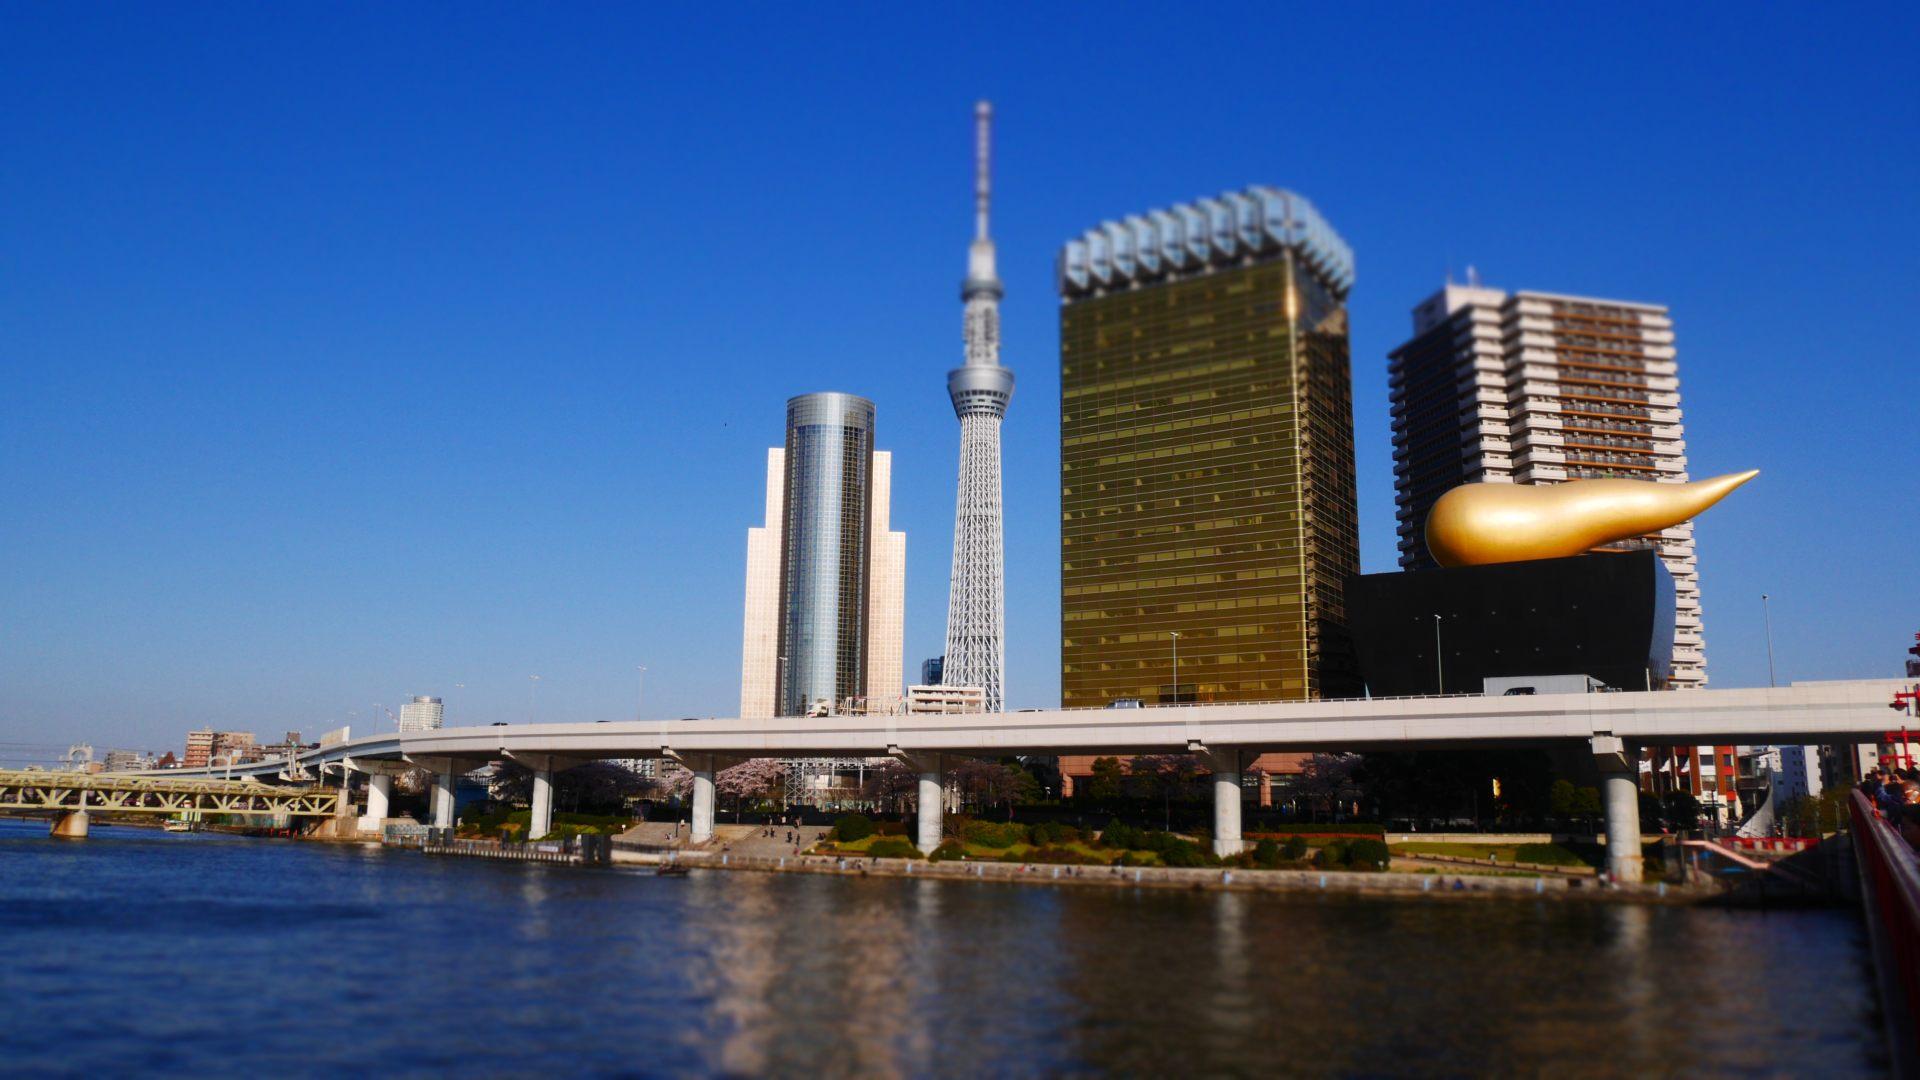 晴空塔、隅田川和極具特色的朝日啤酒大樓